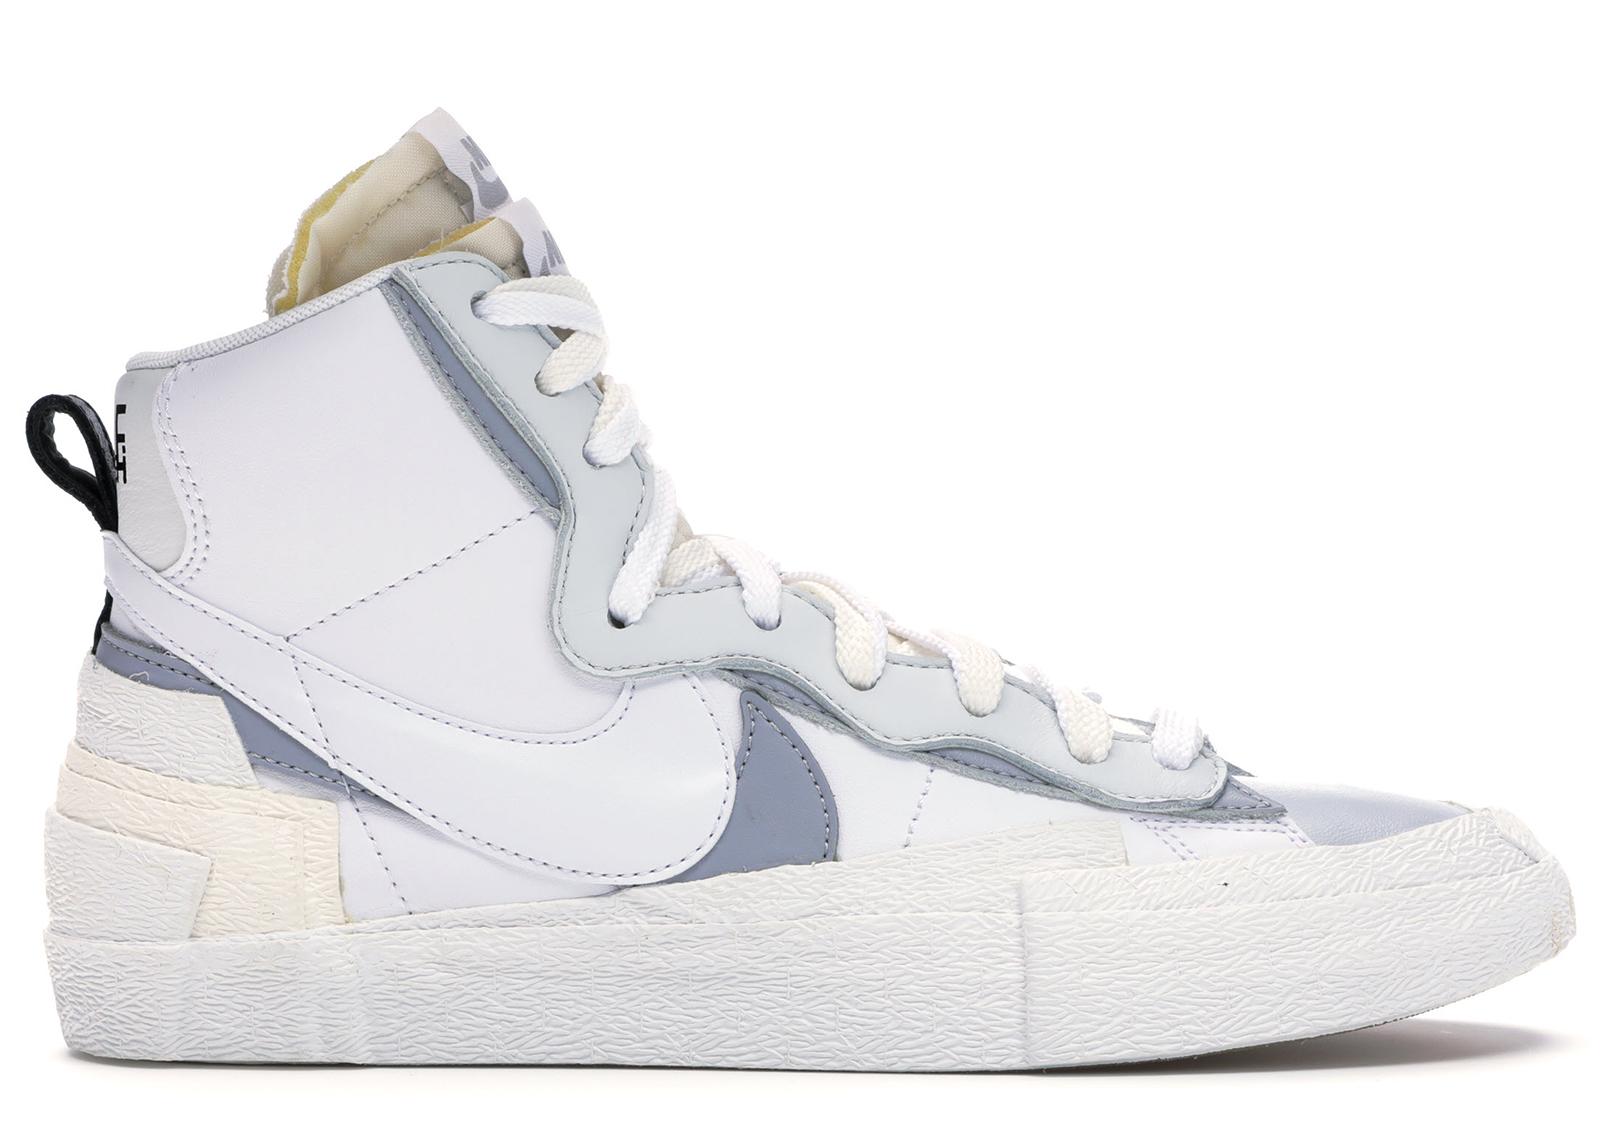 Nike Blazer Mid sacai White Grey - BV0072-100